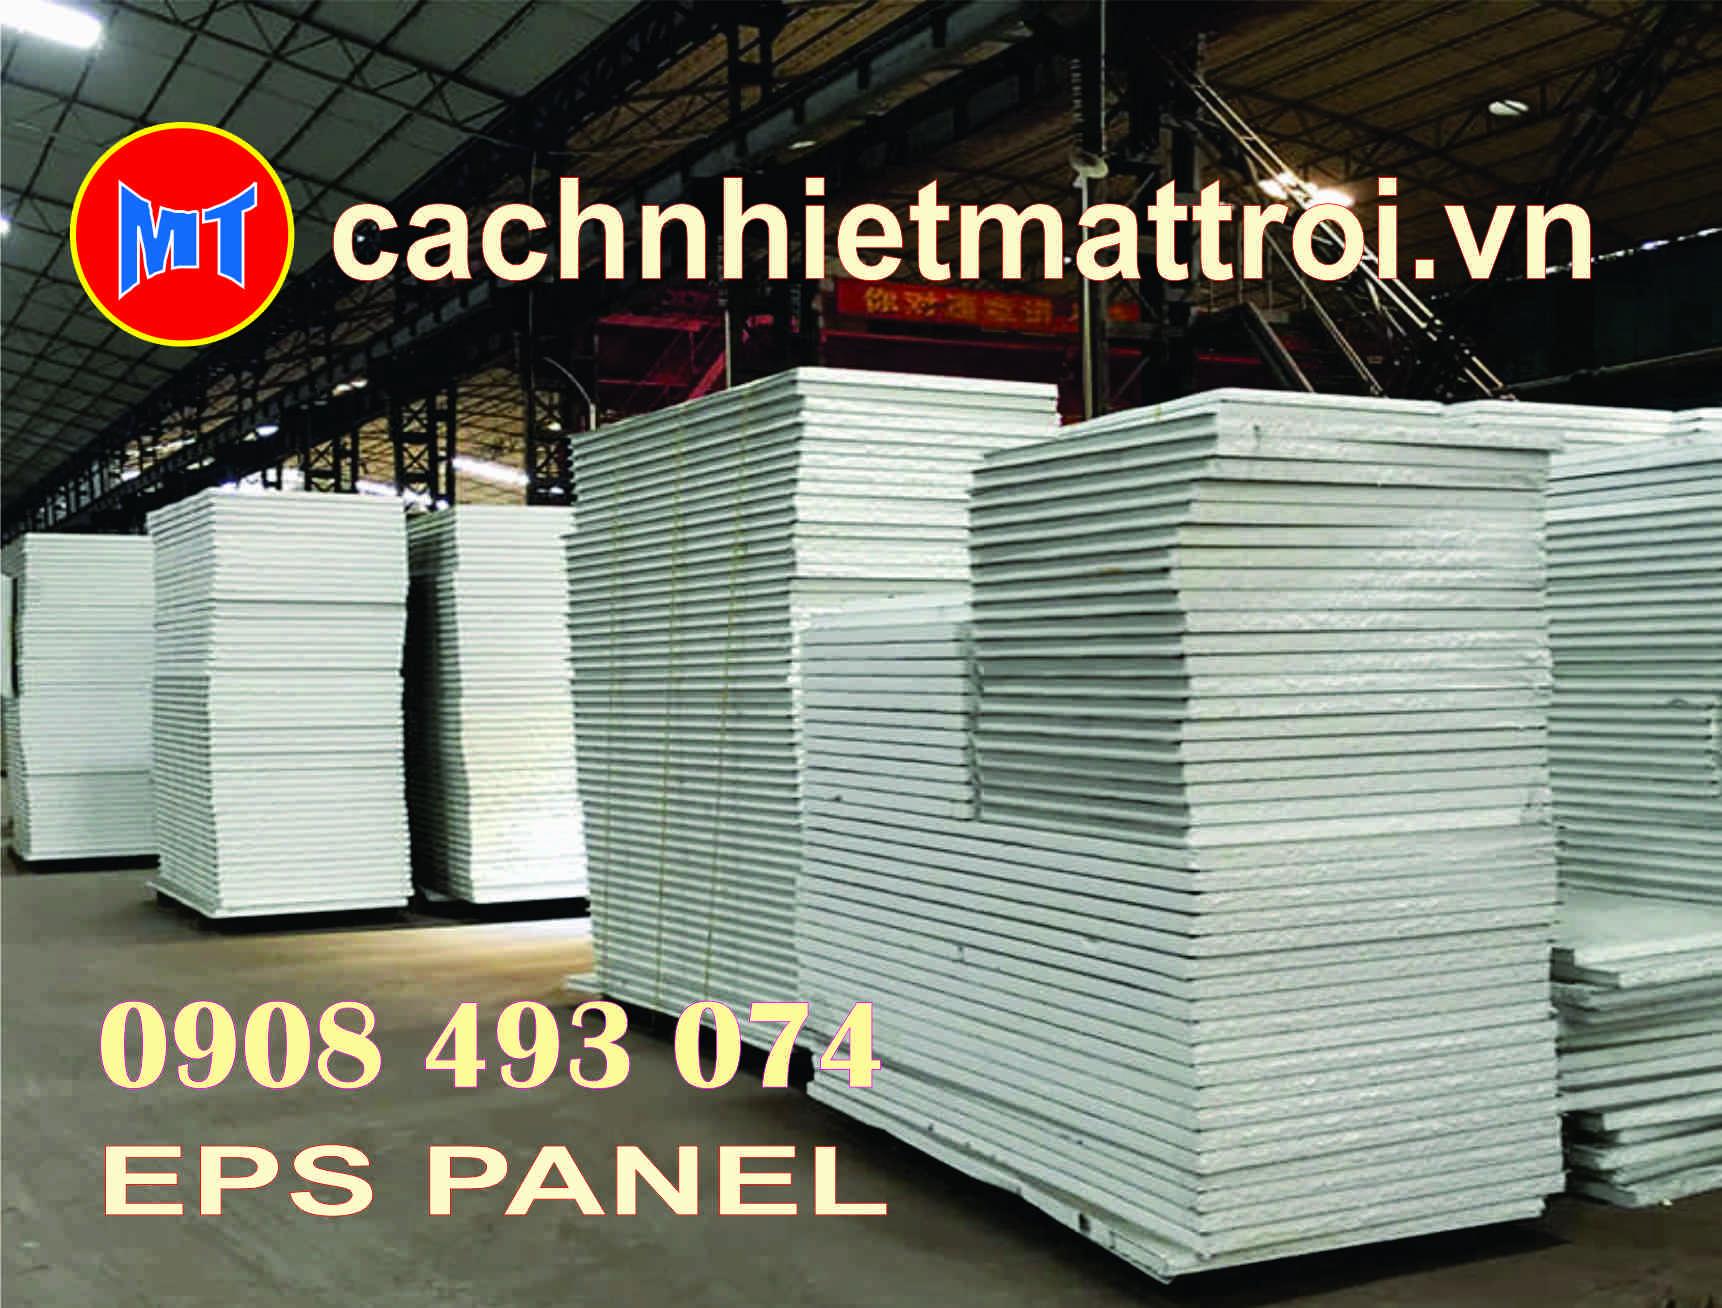 hình ảnh sản phẩm Panel EPS - Panel Mốp xốp cách nhiệt